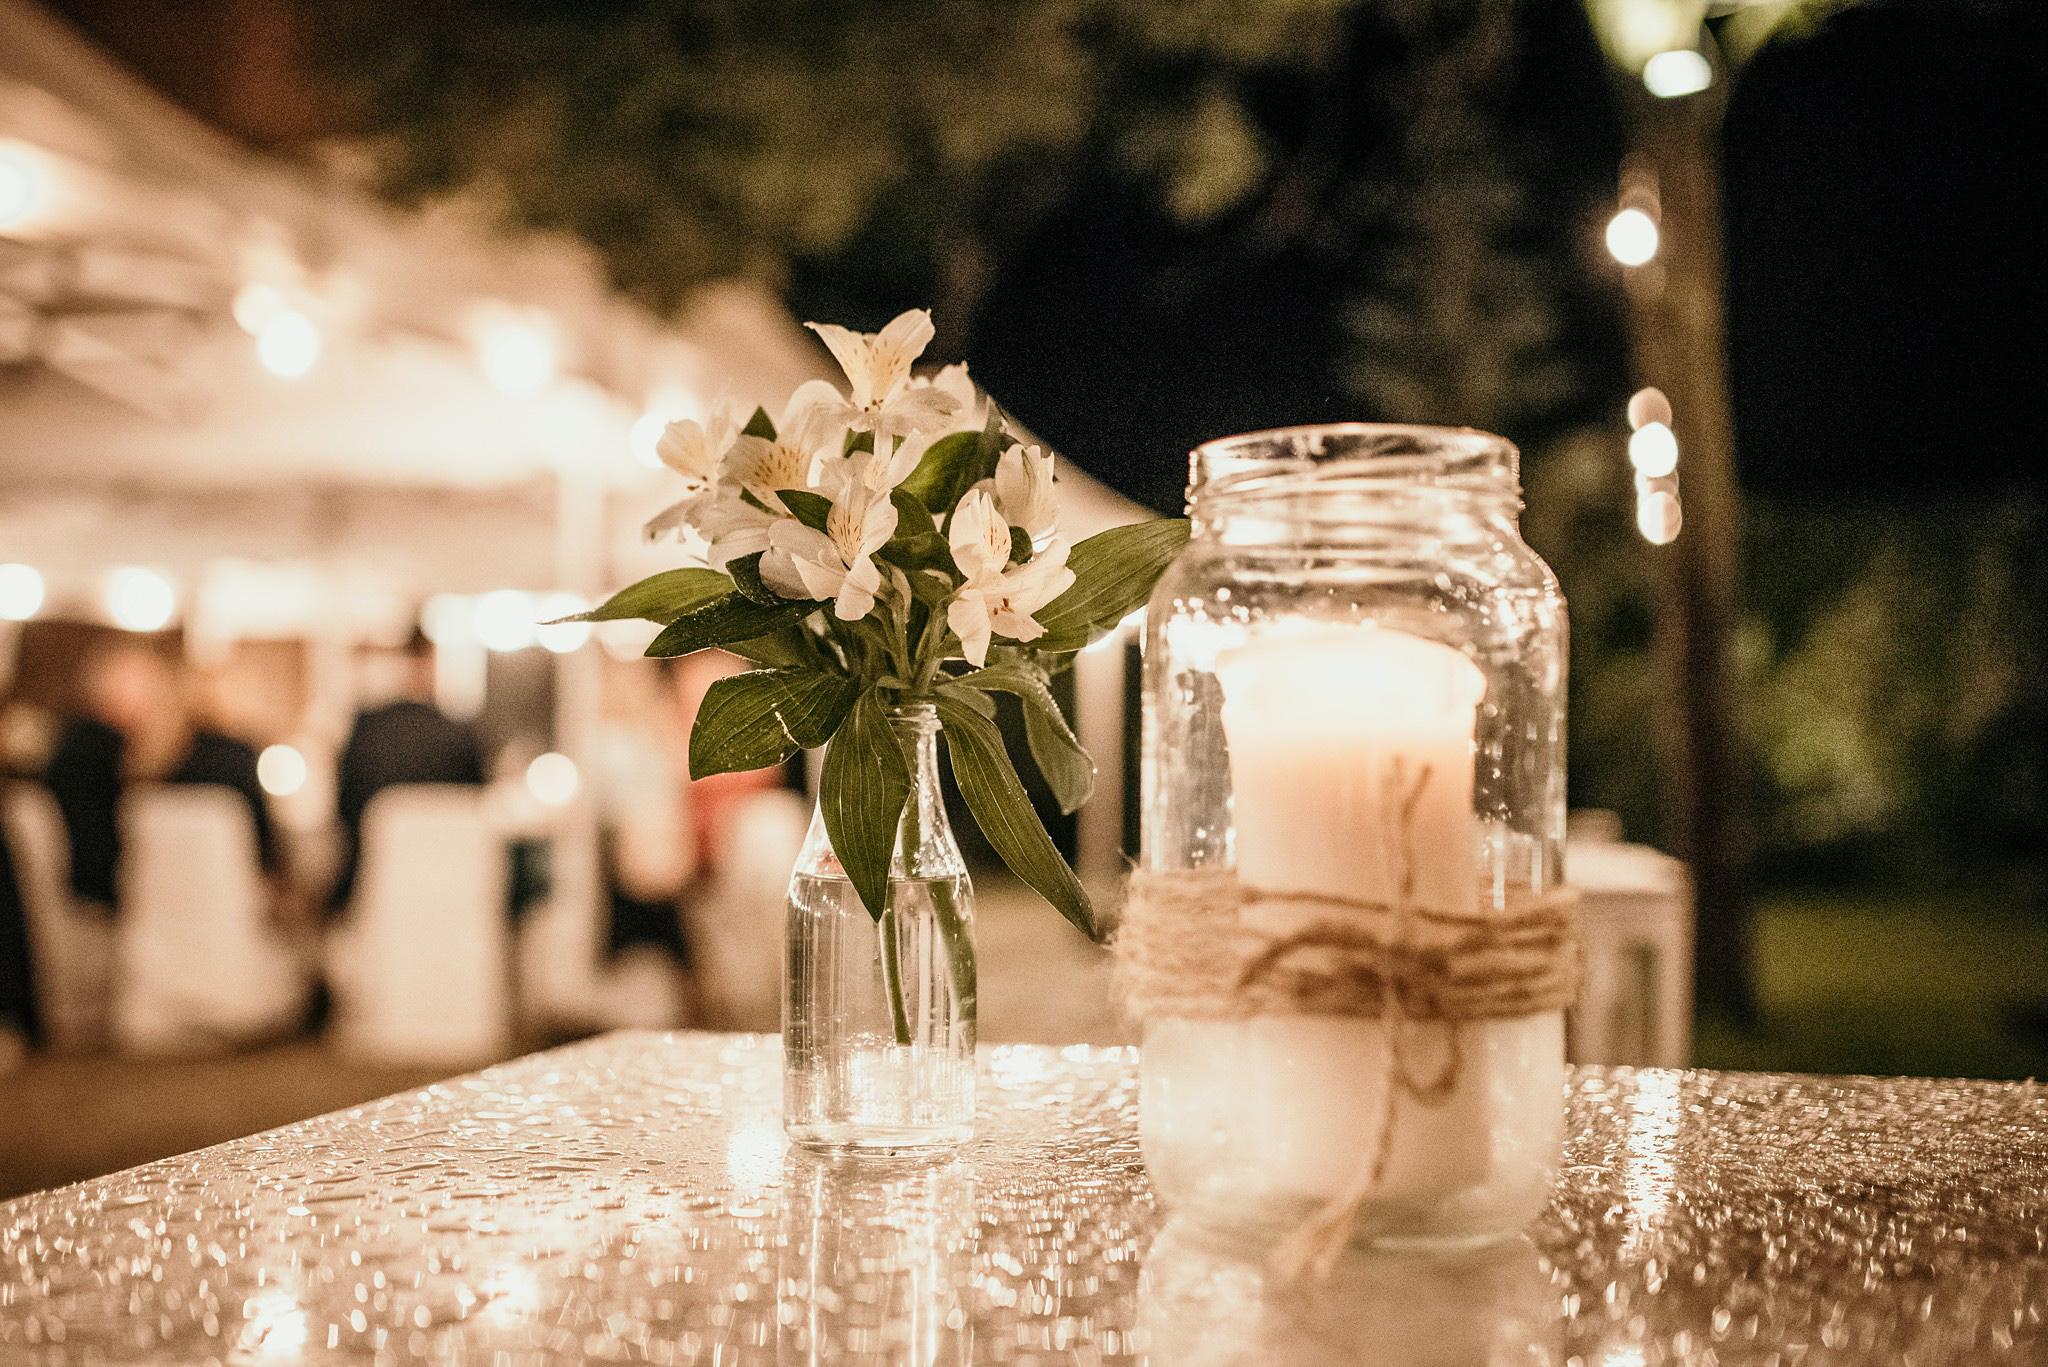 magiczne miejsce na wesele warszawa